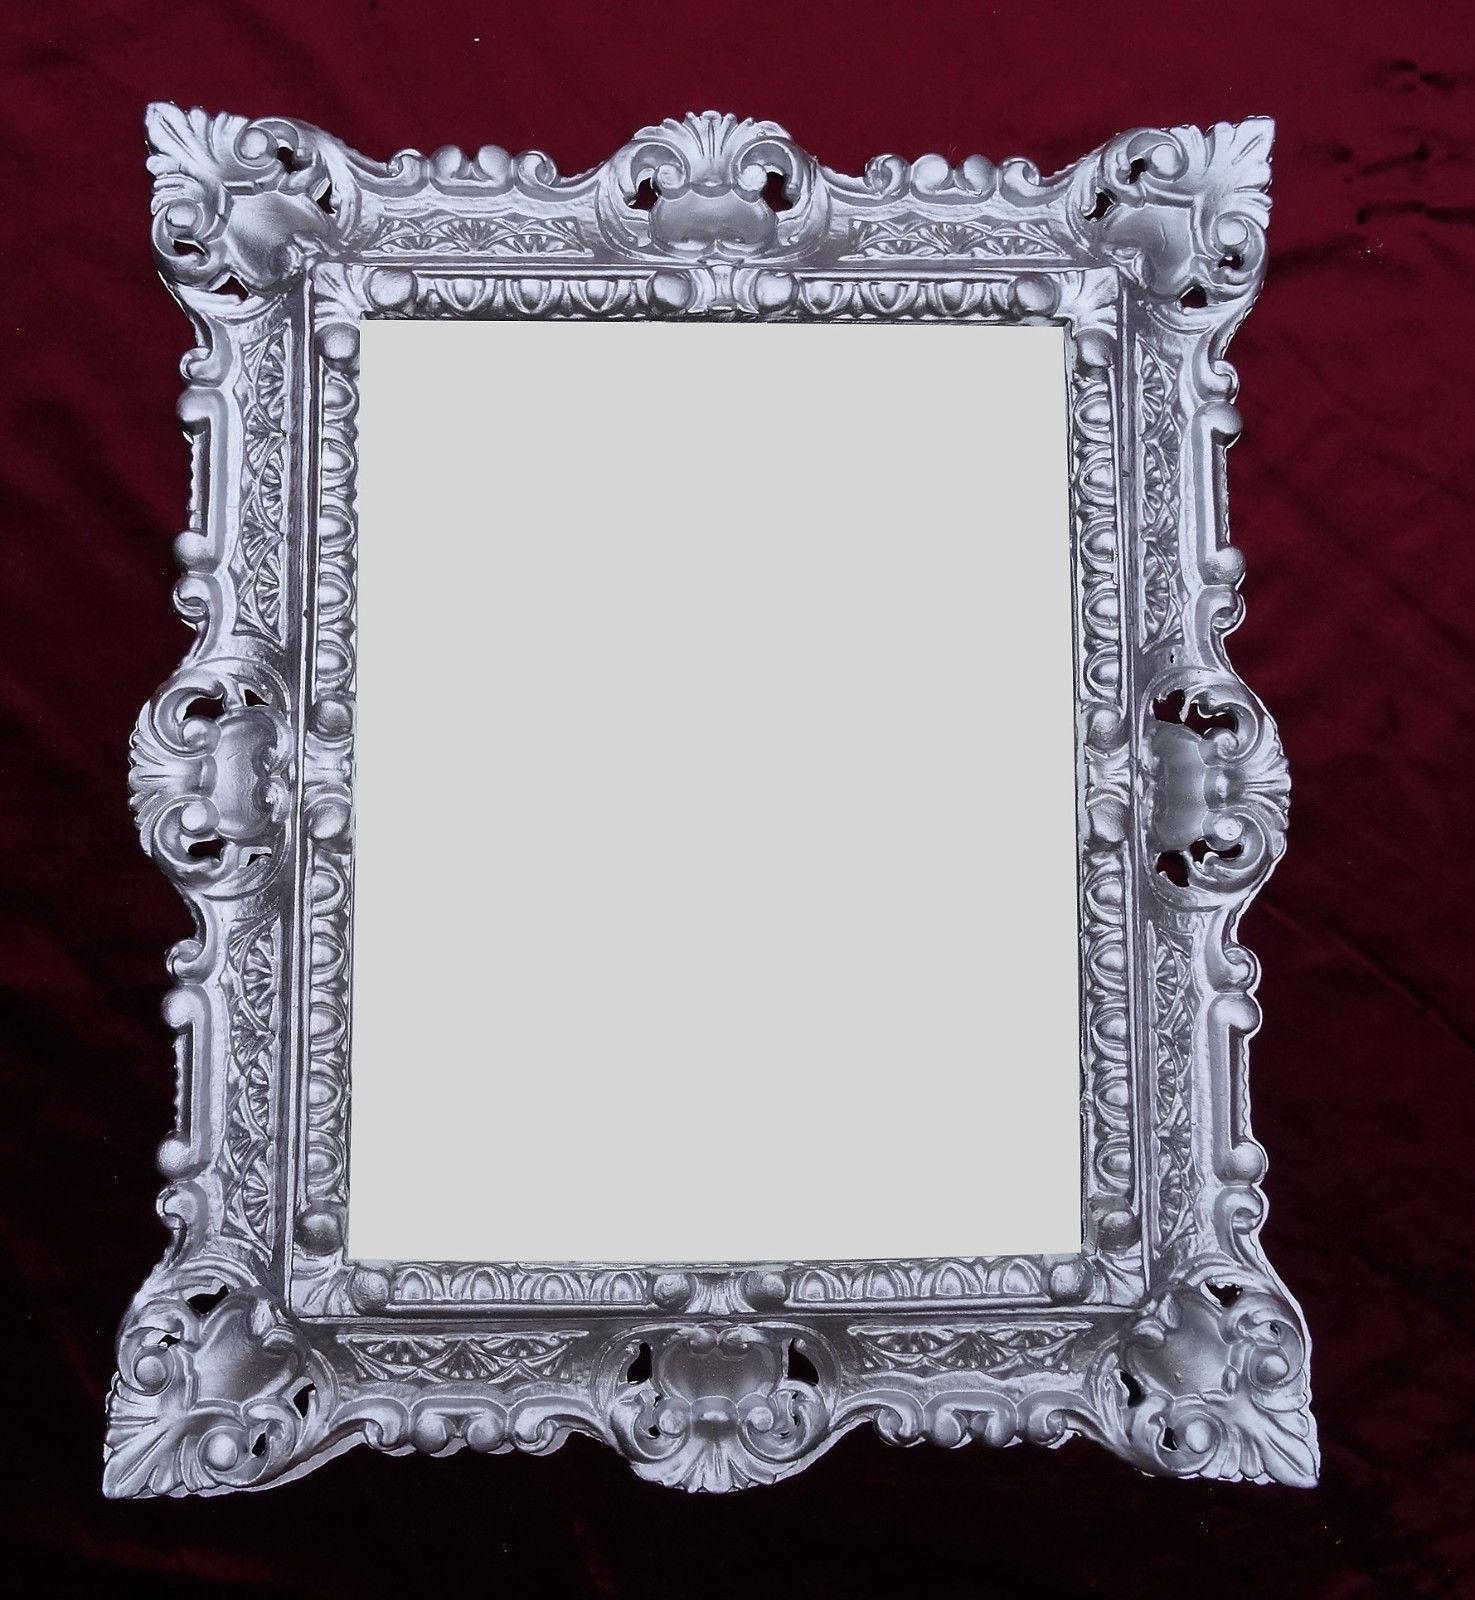 Tolle Großer Antiker Bilderrahmen Bilder - Benutzerdefinierte ...